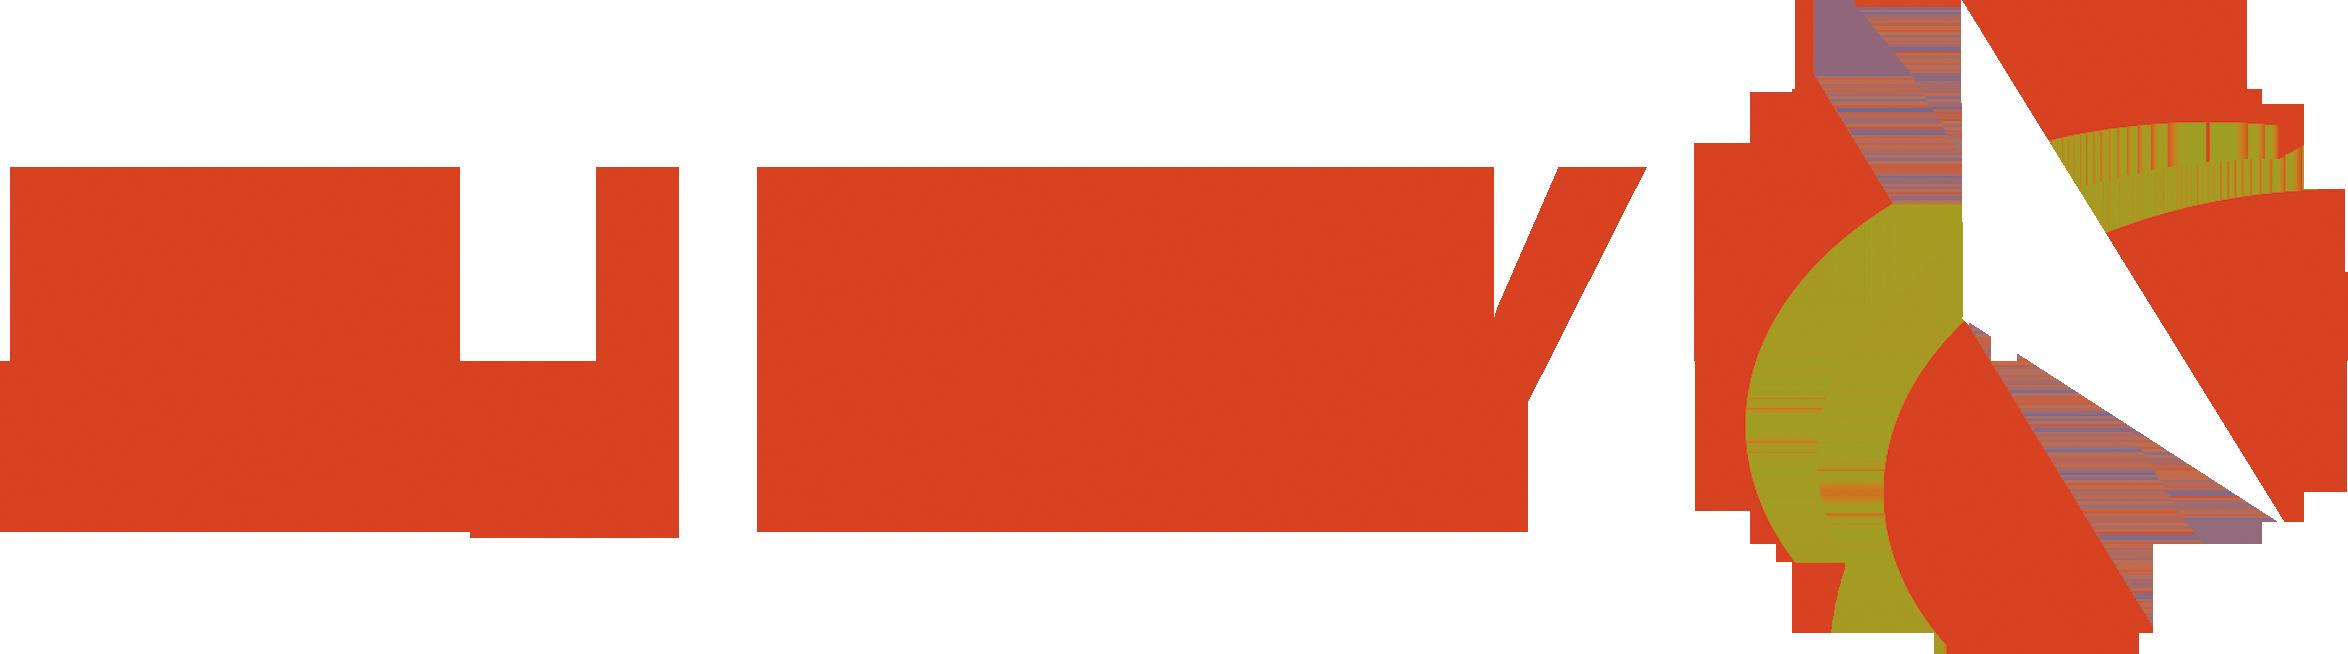 xukey